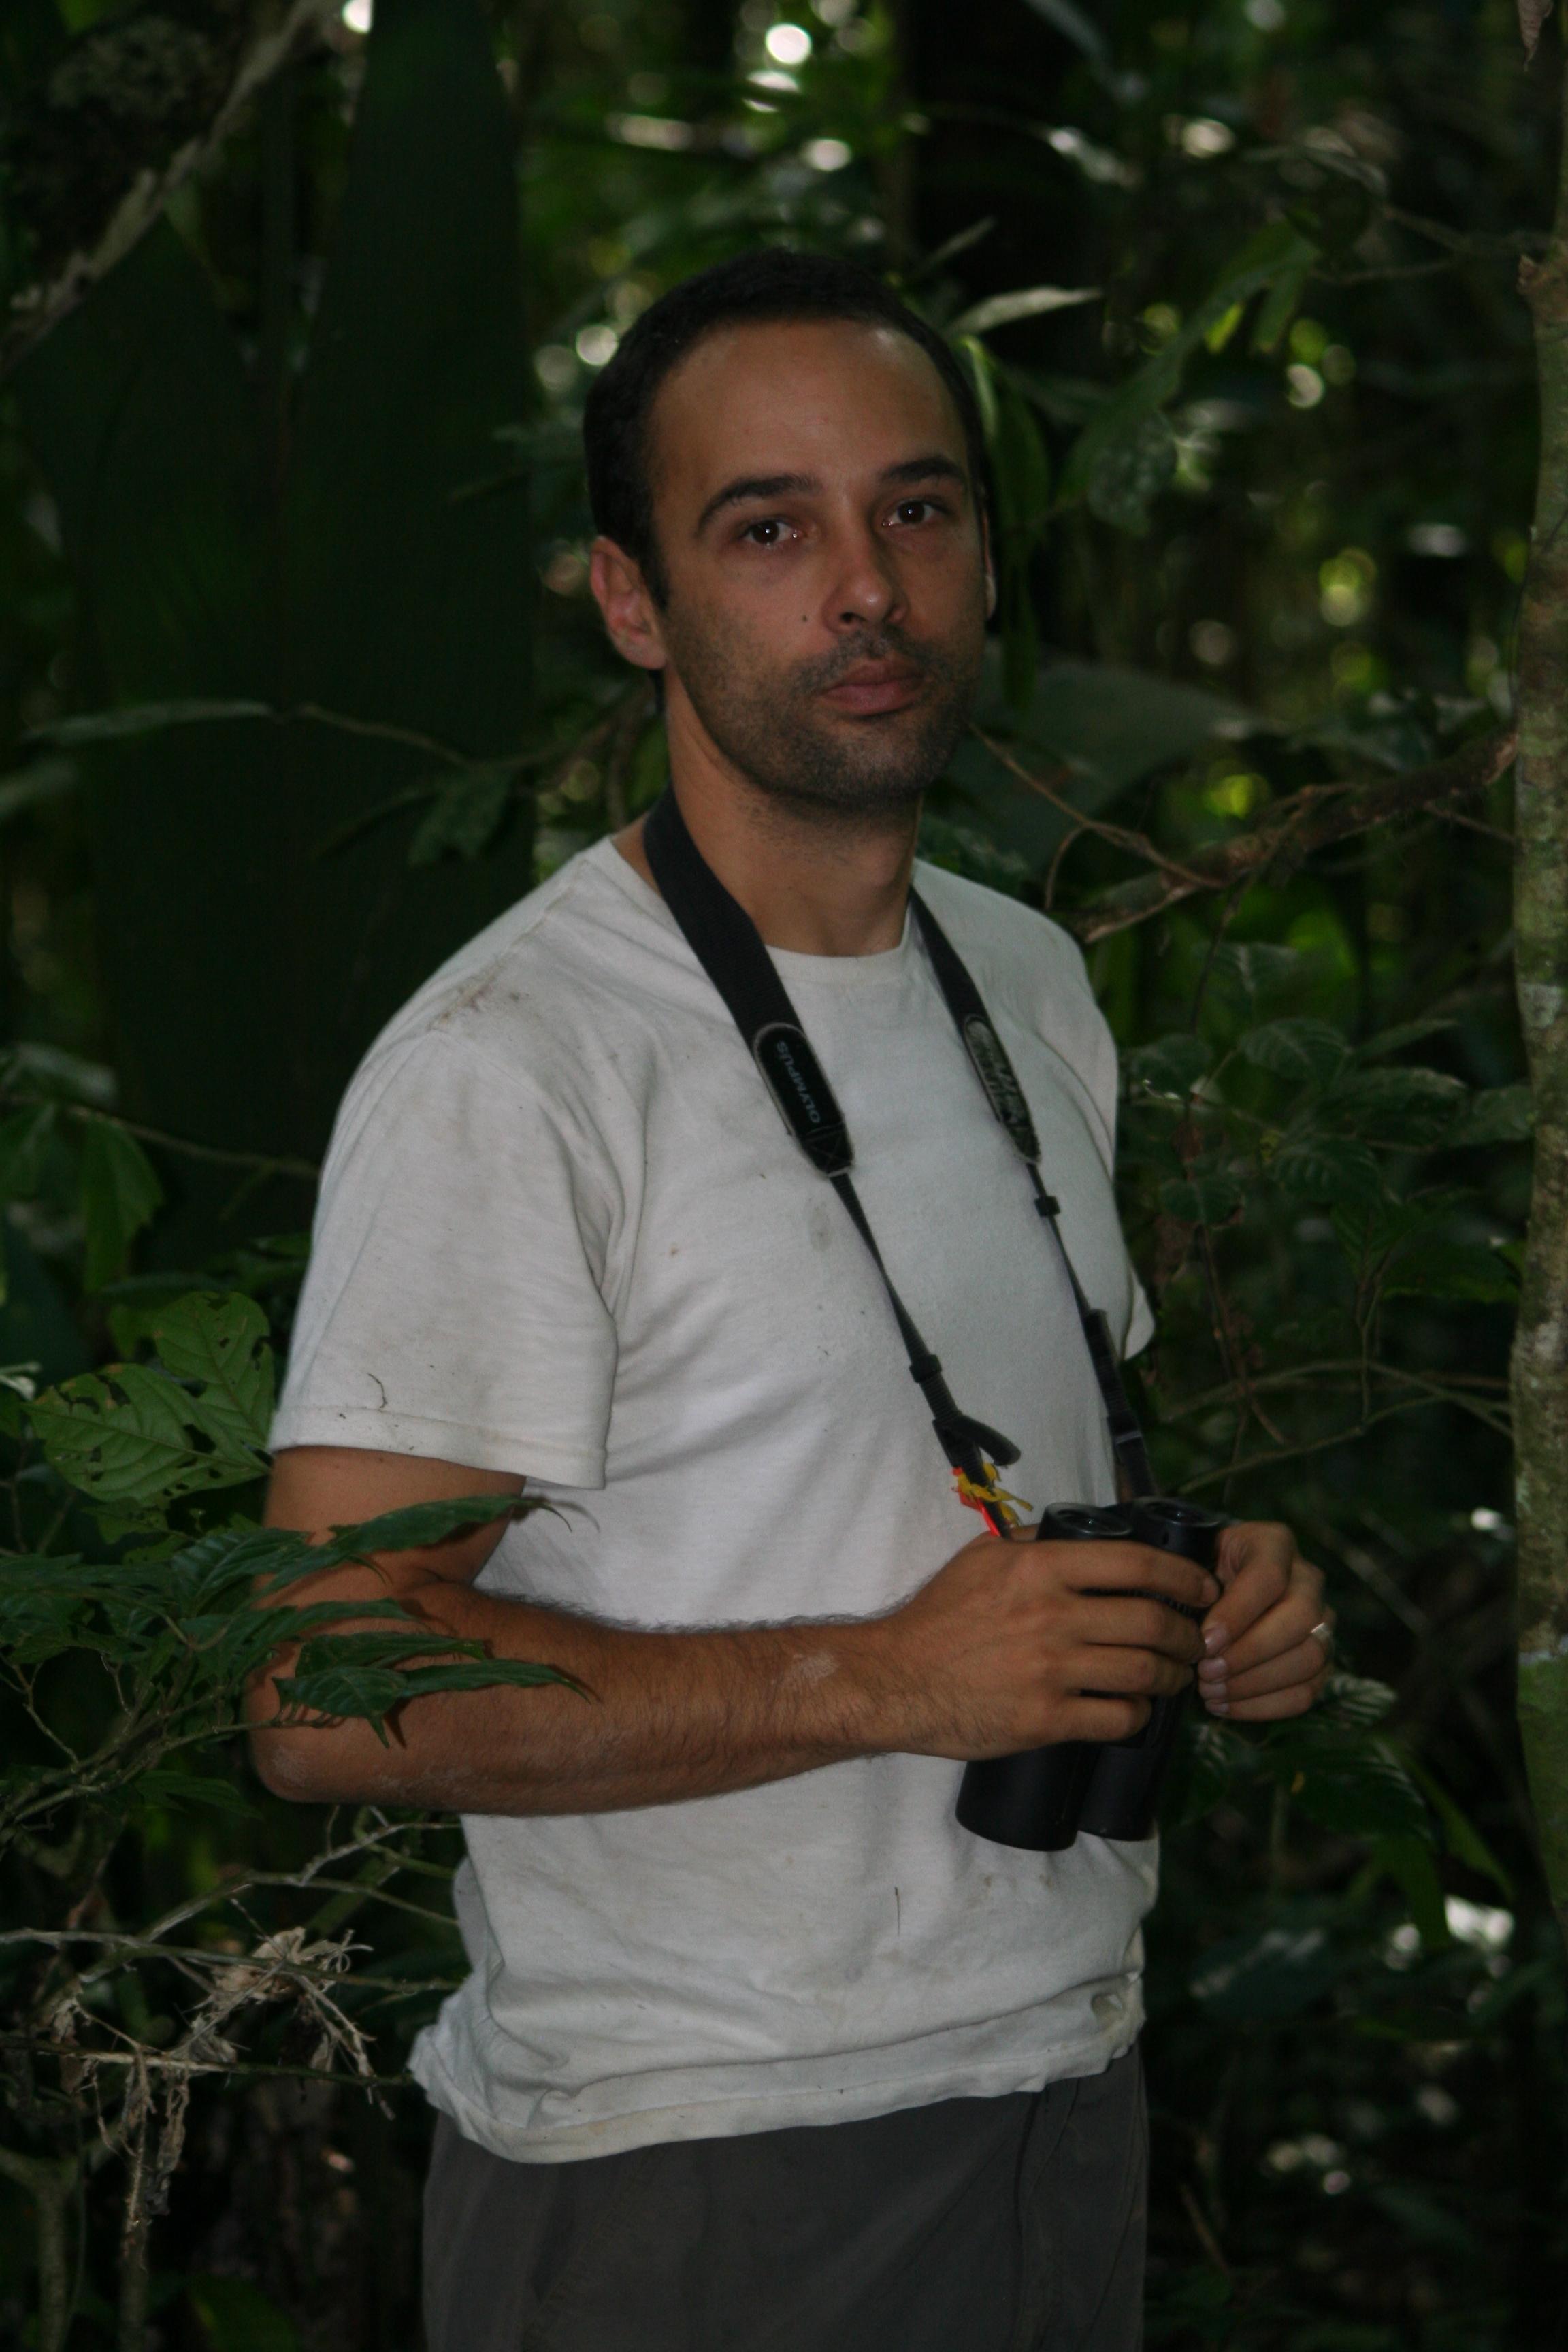 Monos en peligro en Colombia. Andrés Link, biólogo experto en primates. Foto: Federico Pardo.